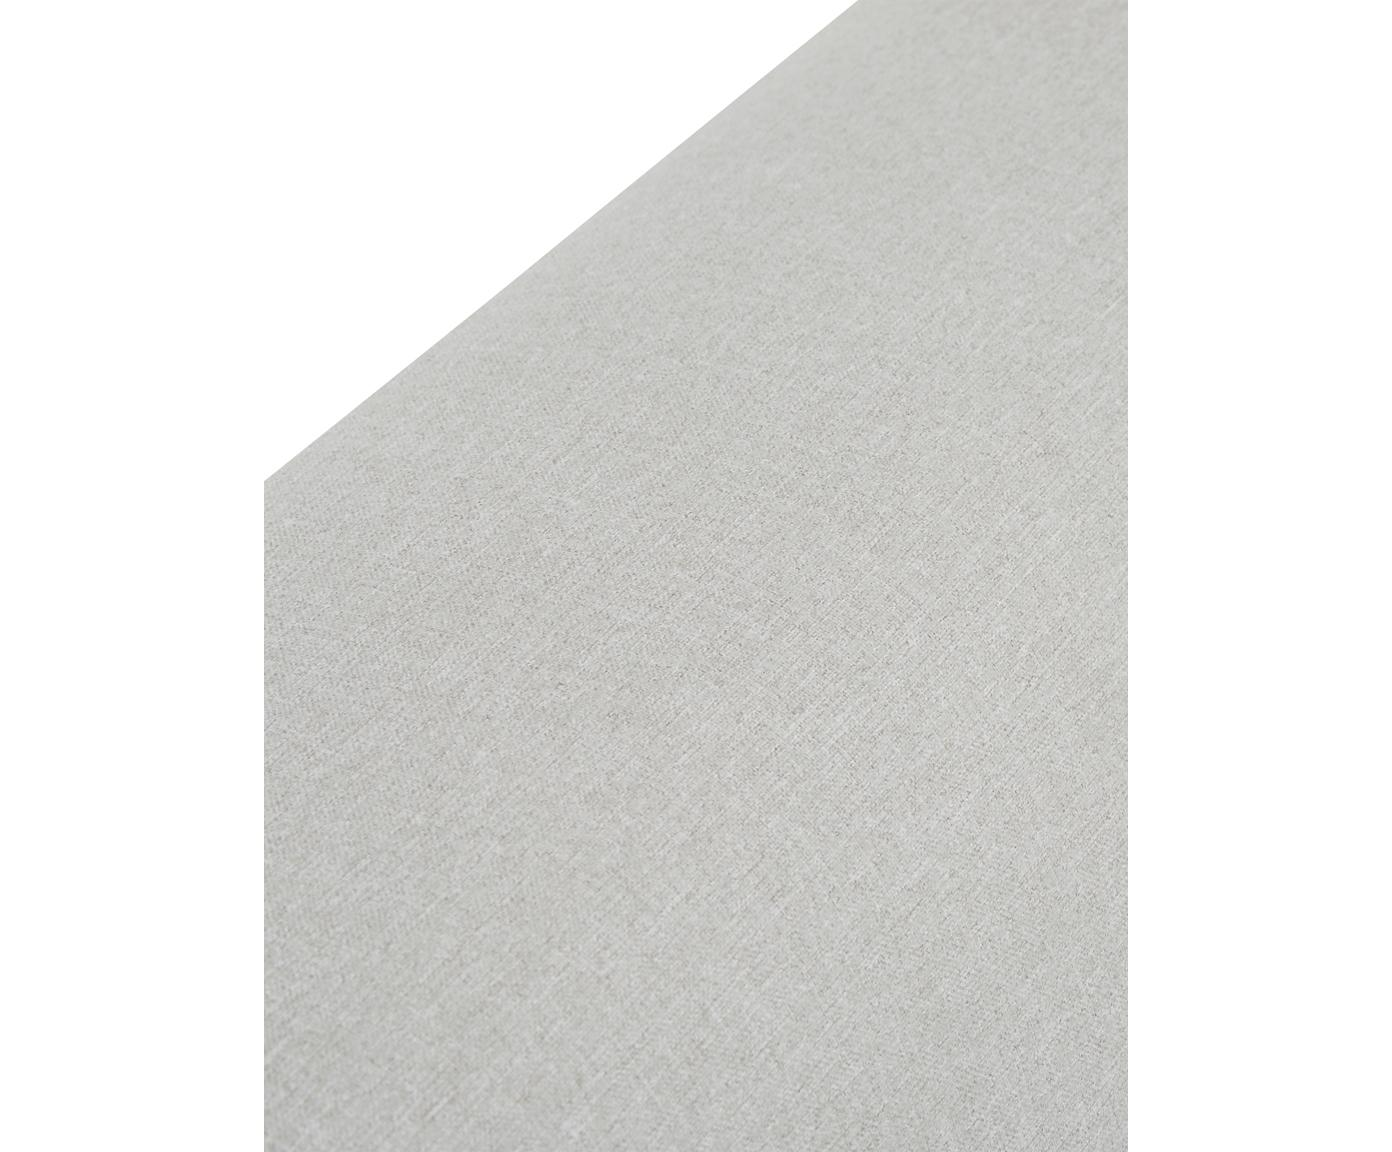 Letto imbottito con contenitore Cloud, Rivestimento: Poliestere (tessuto strut, Grigio chiaro, 180 x 200 cm